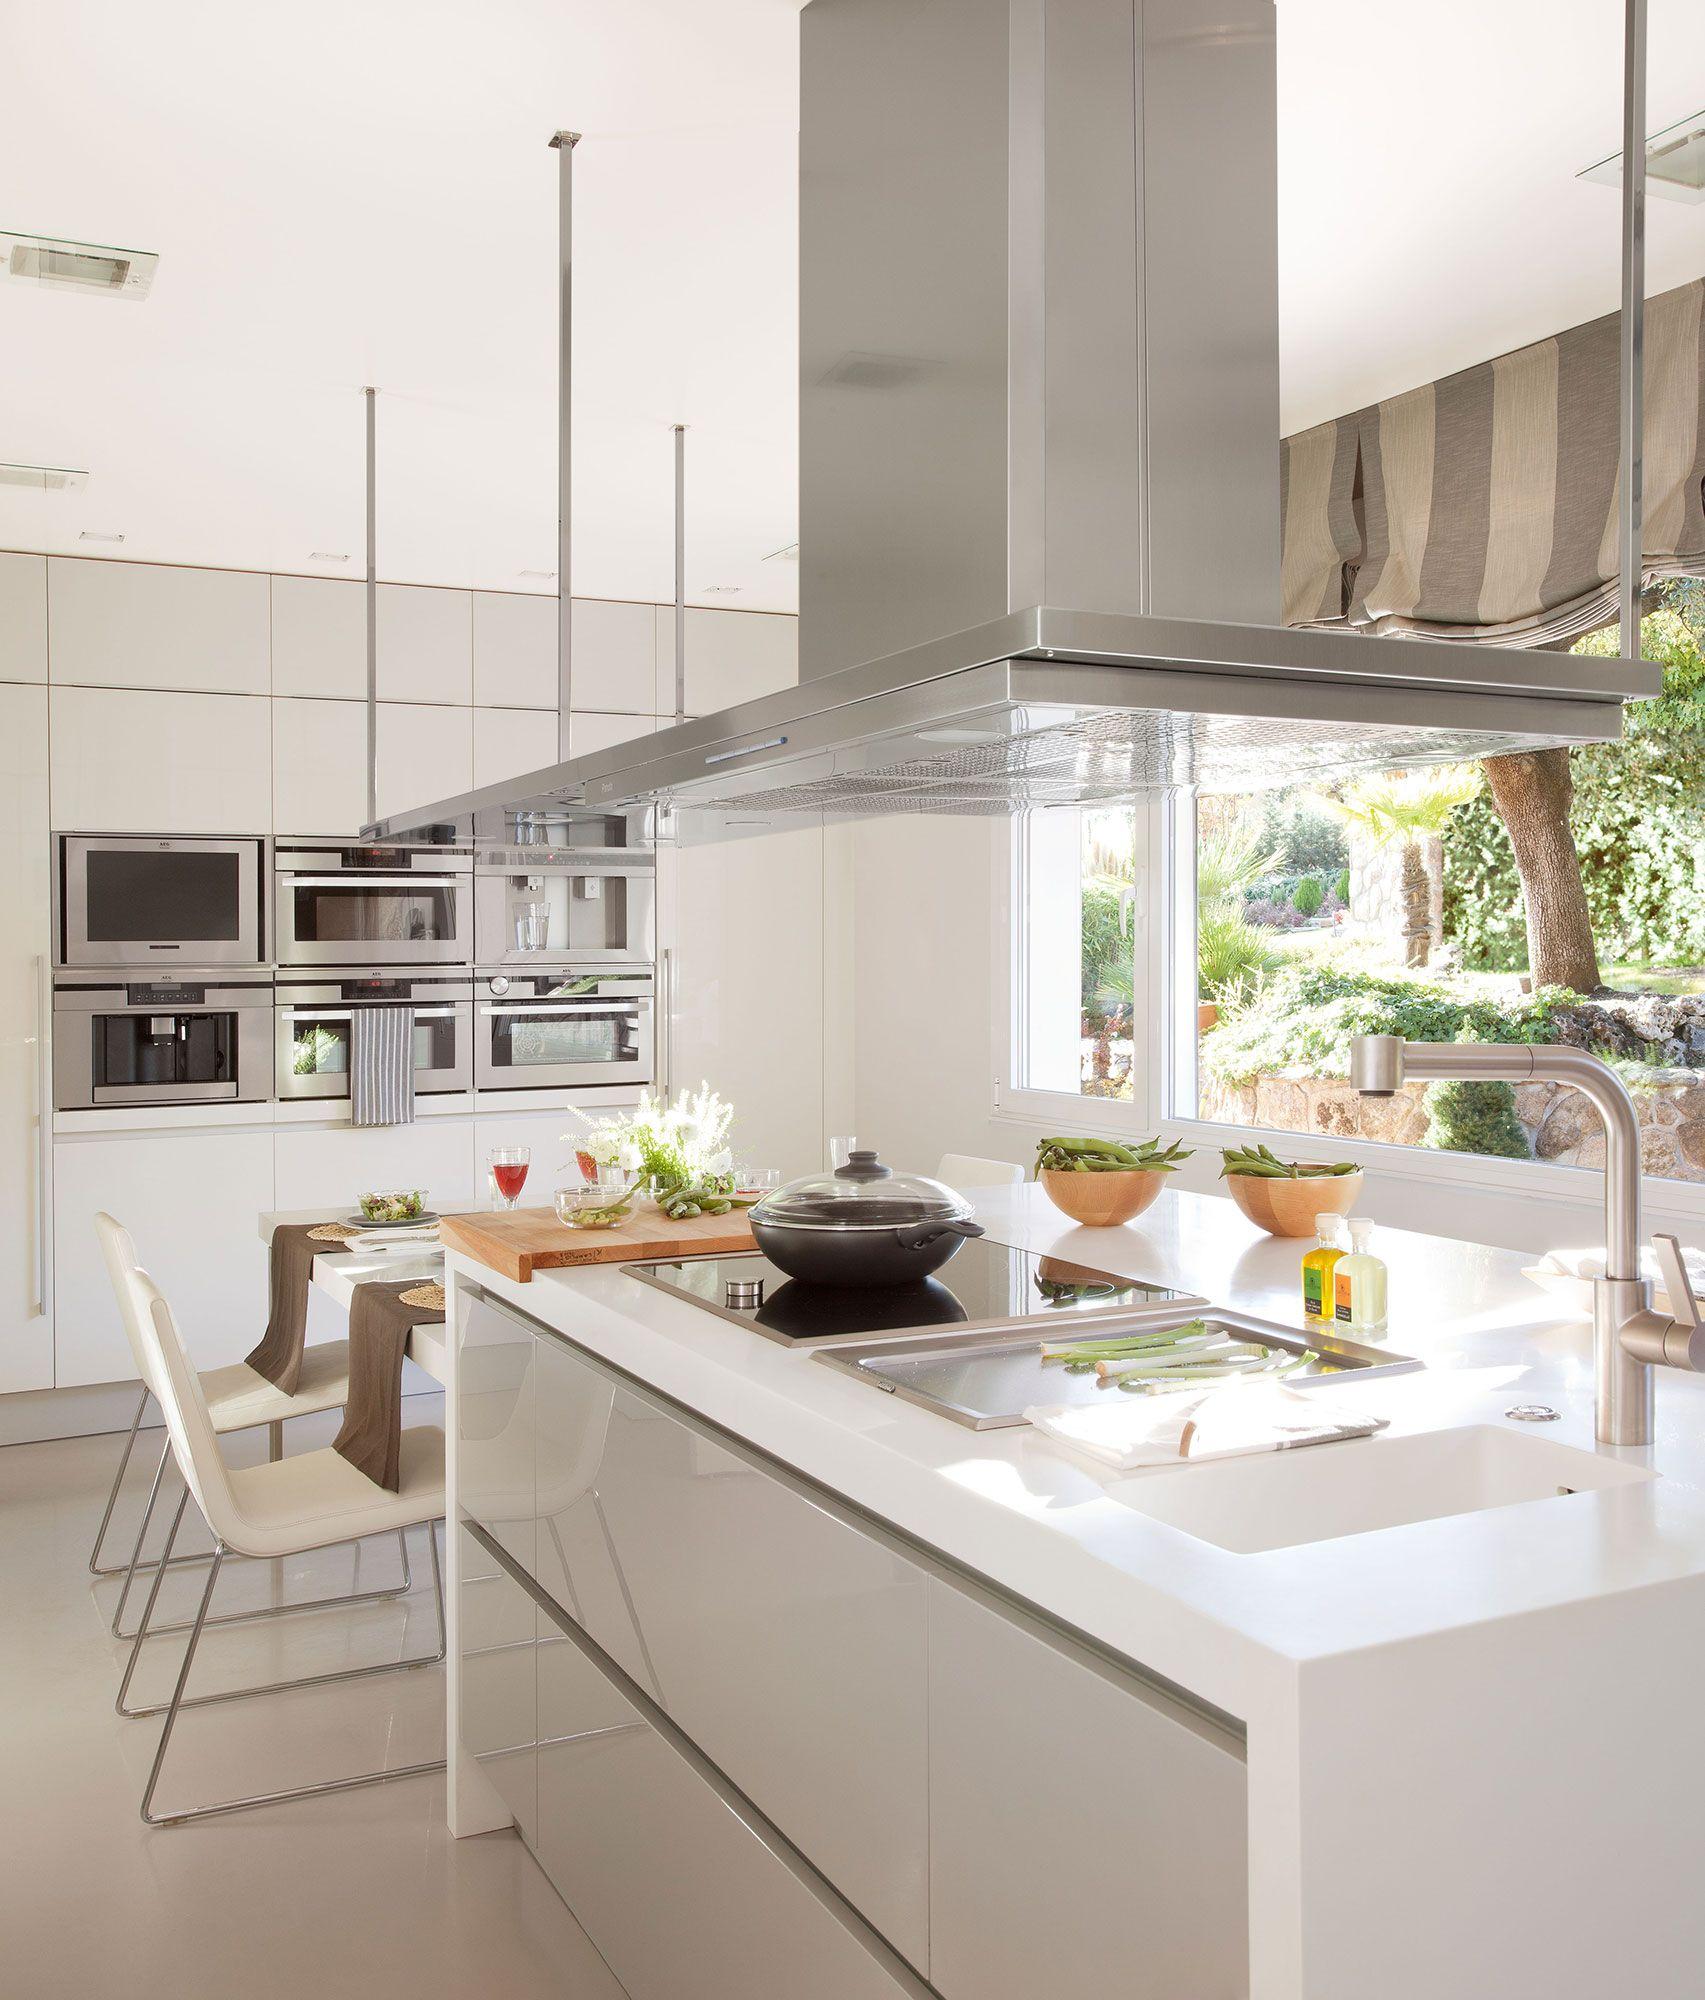 Cocina de dise o moderno con isla en blanco y gris for Islas para cocinas integrales